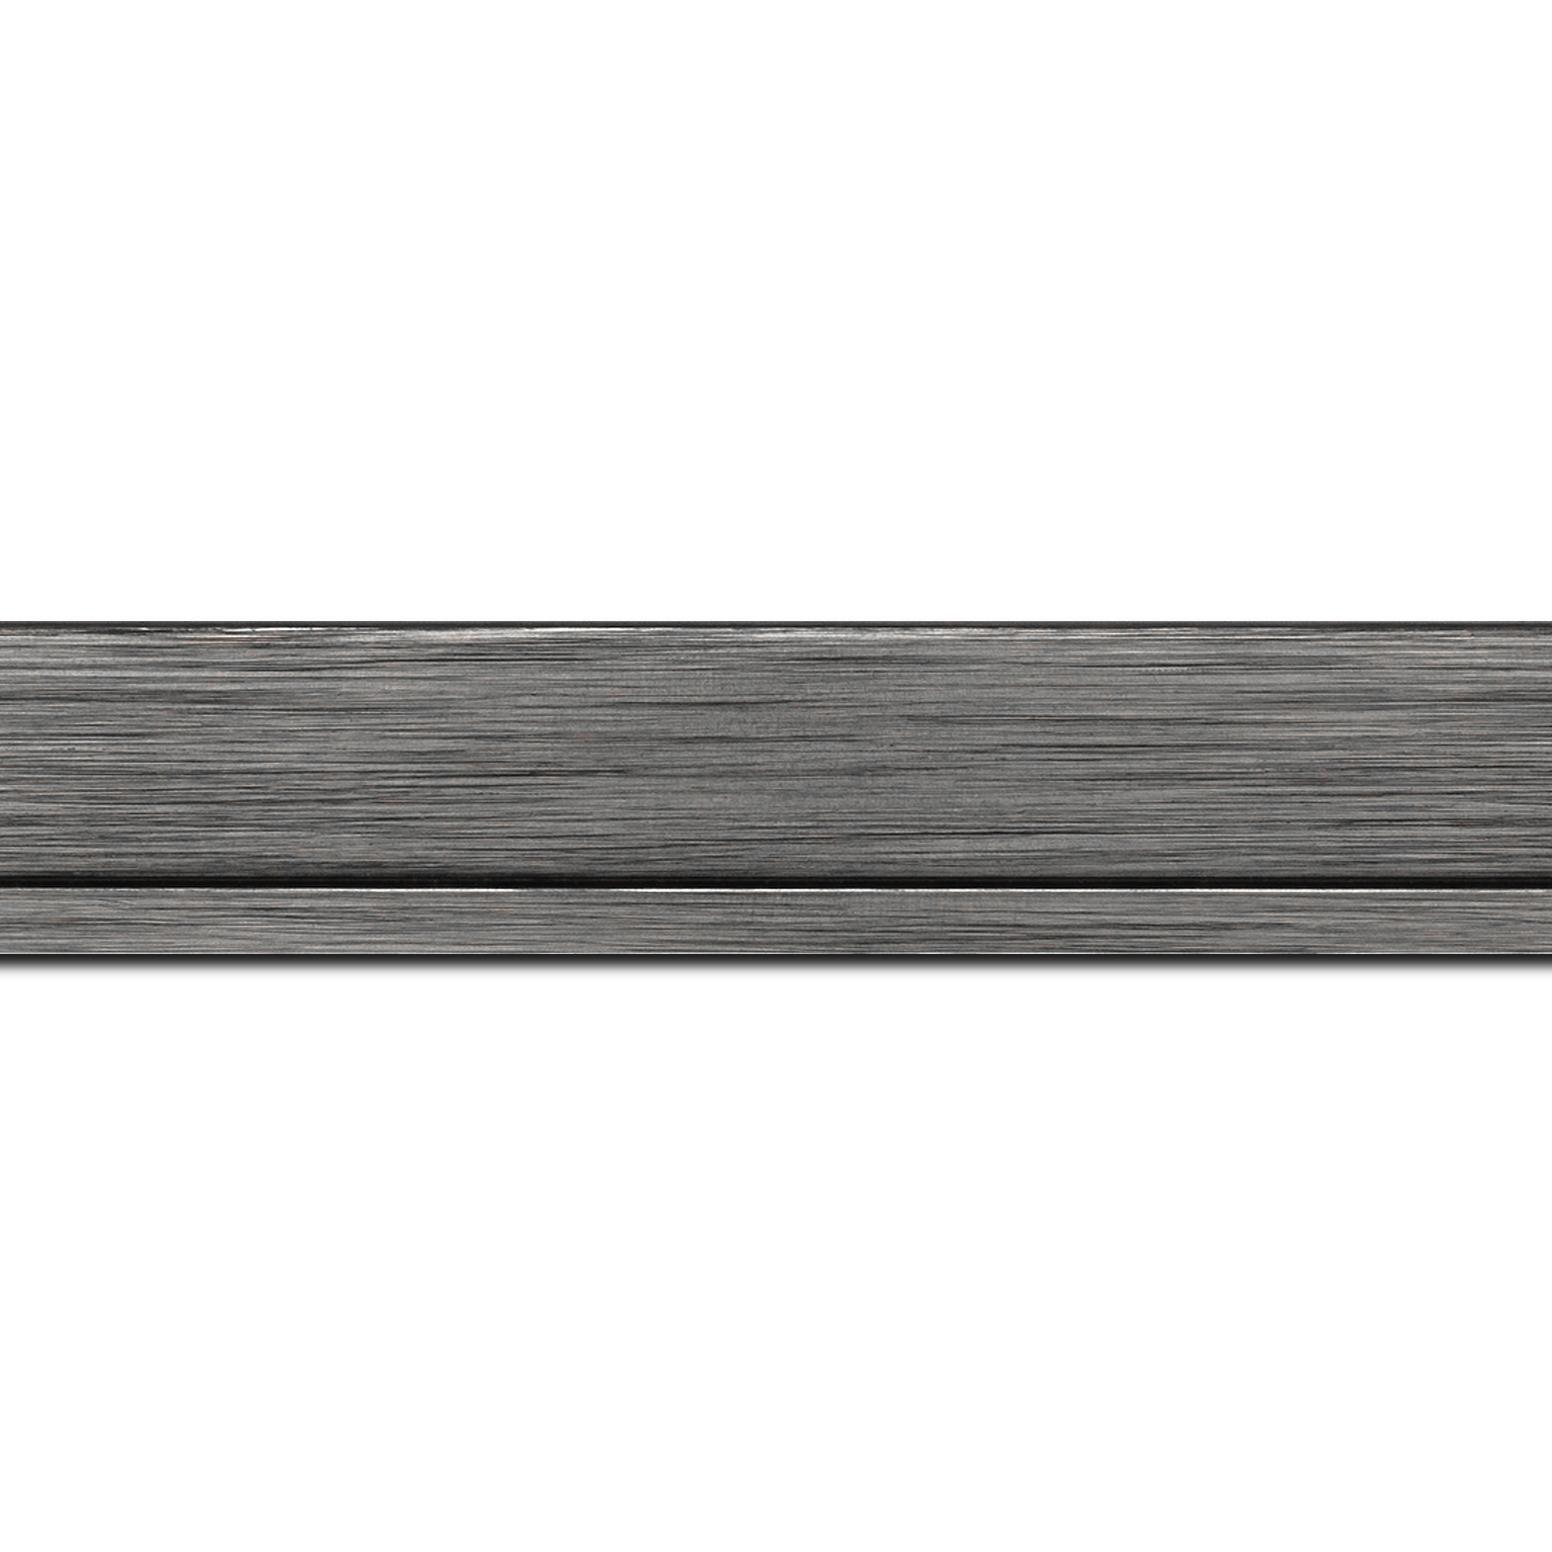 Baguette longueur 1.40m bois profil plat largeur 3.3cm couleur plomb filet plomb